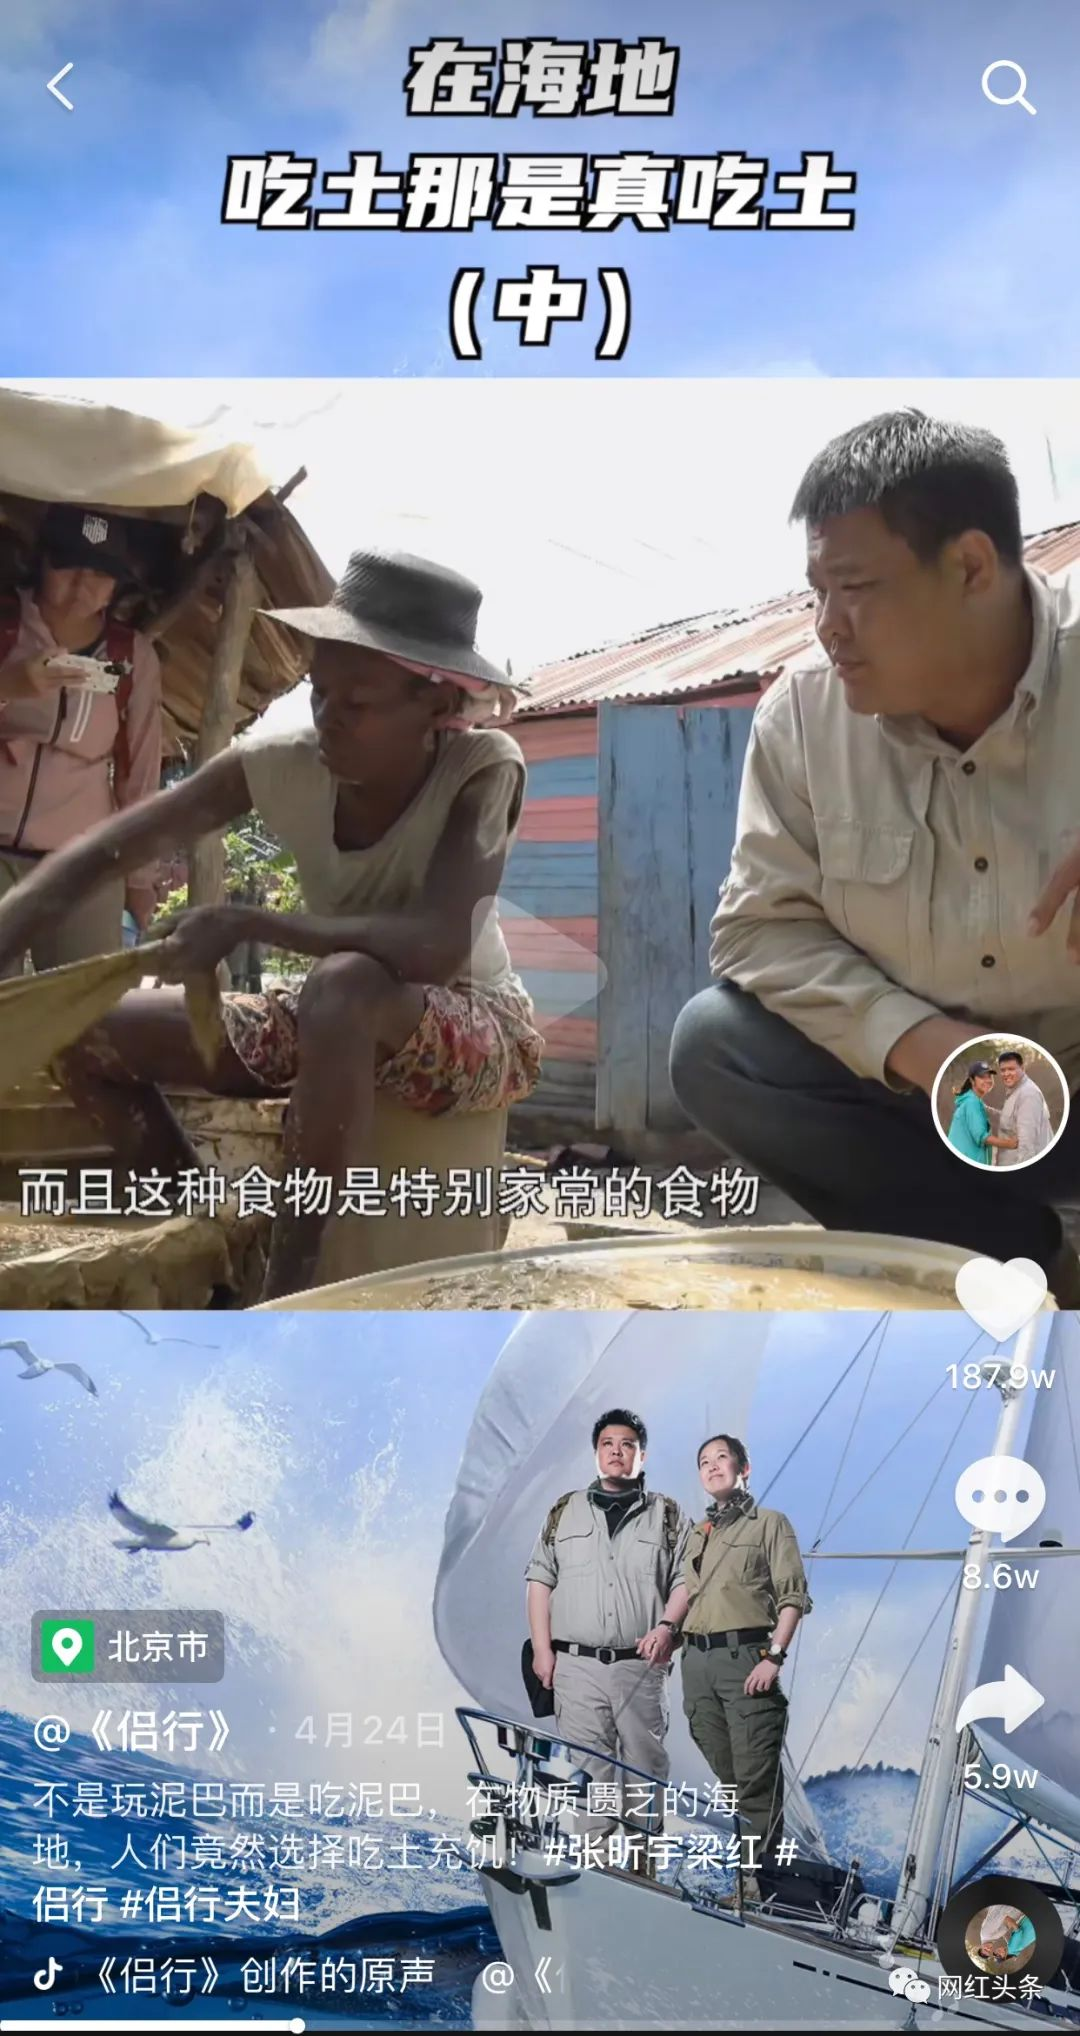 旅行十年走遍世界的「侣行」,如何涨粉千万,在短视频赛道再火一把?